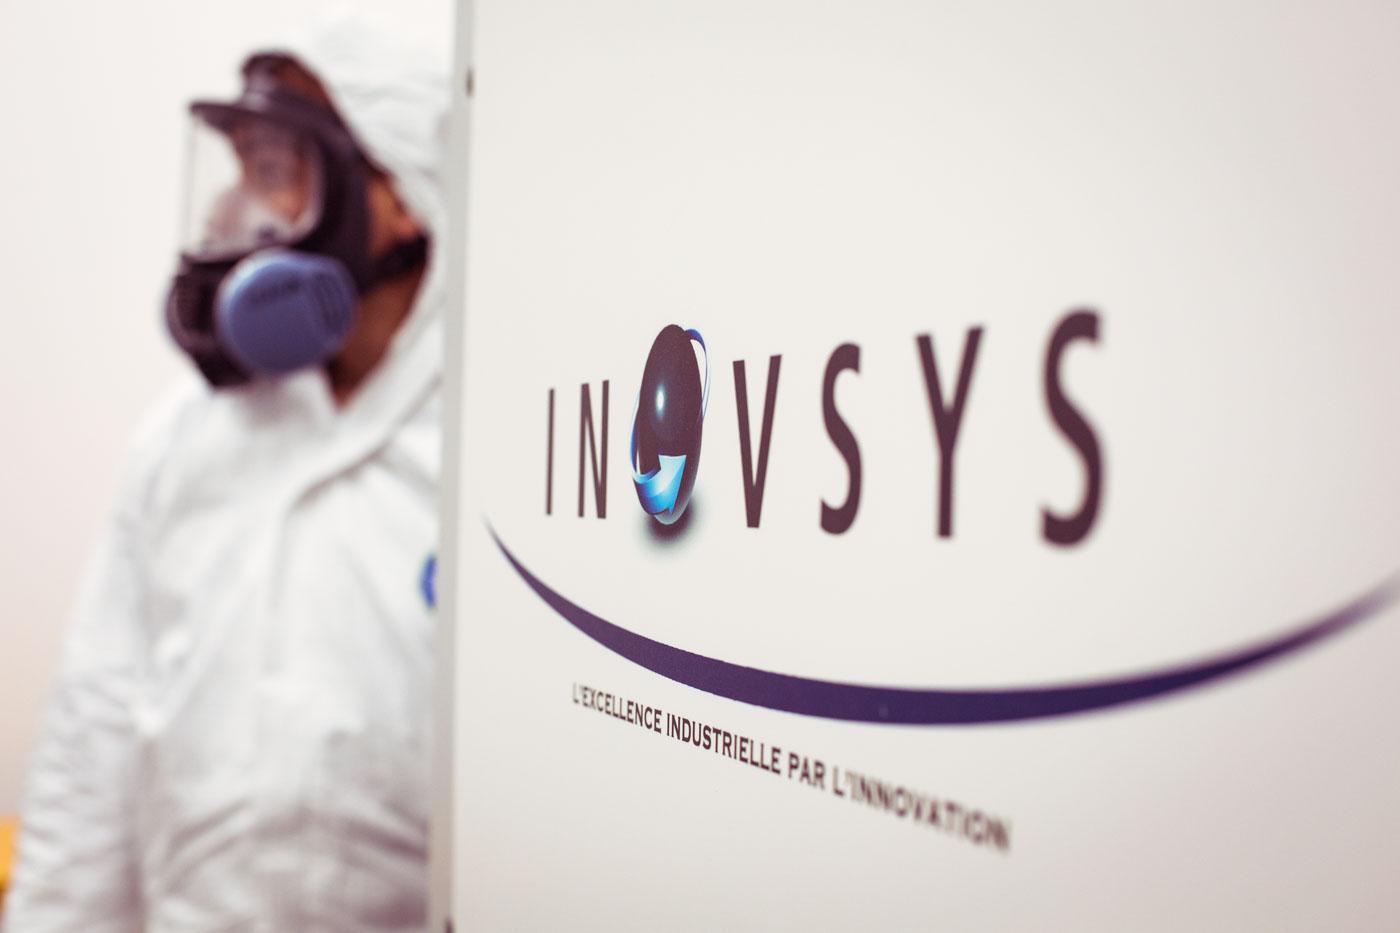 inovsys